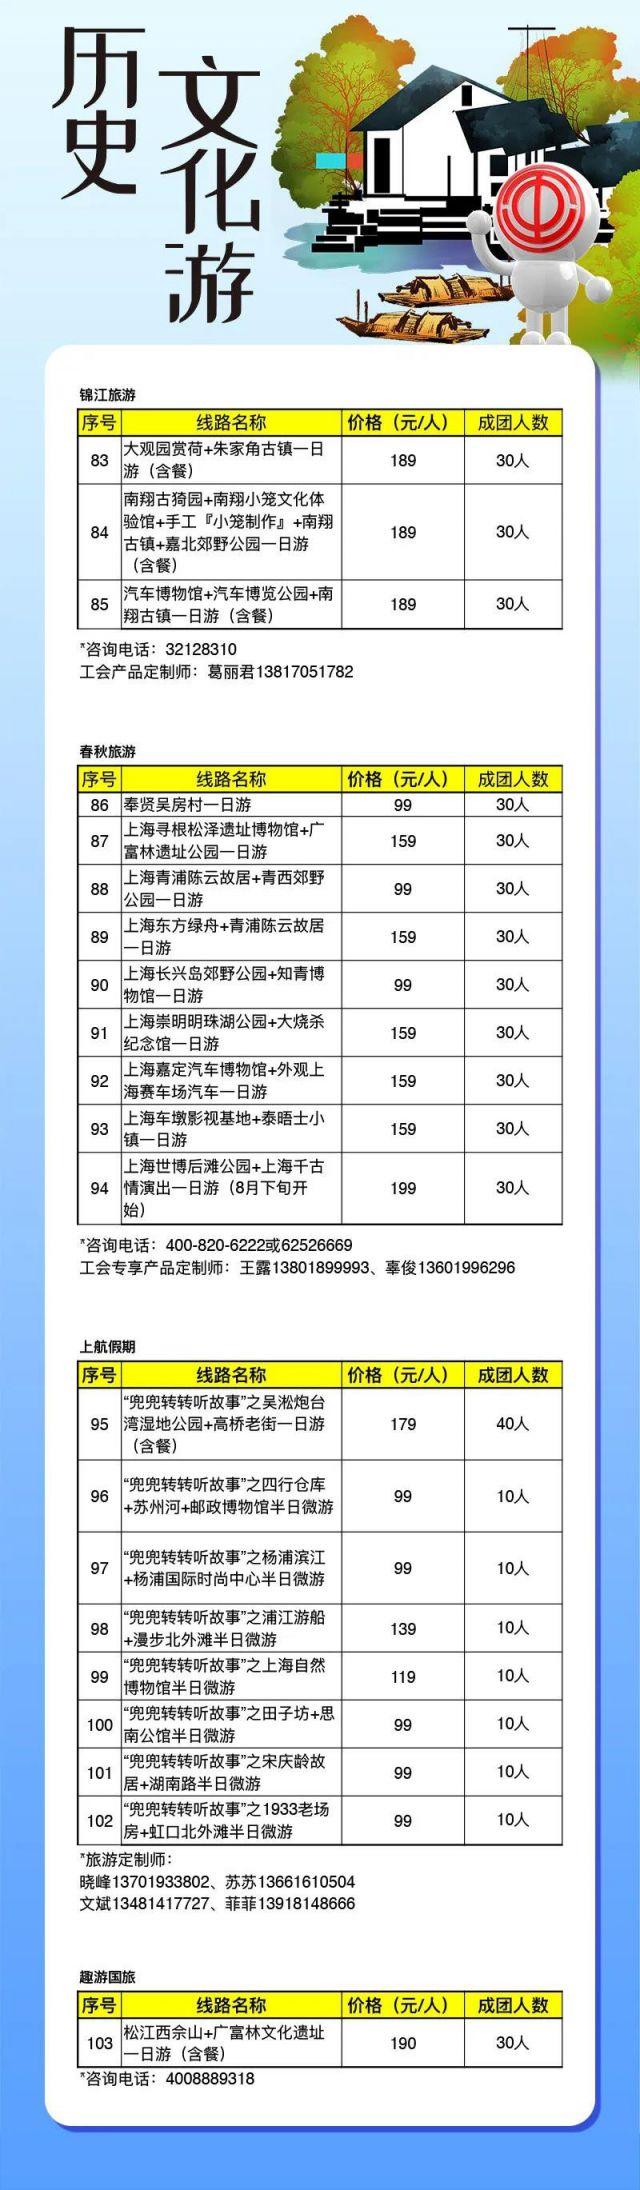 2020游上海5大主题117个特色坐在出租车线路推荐